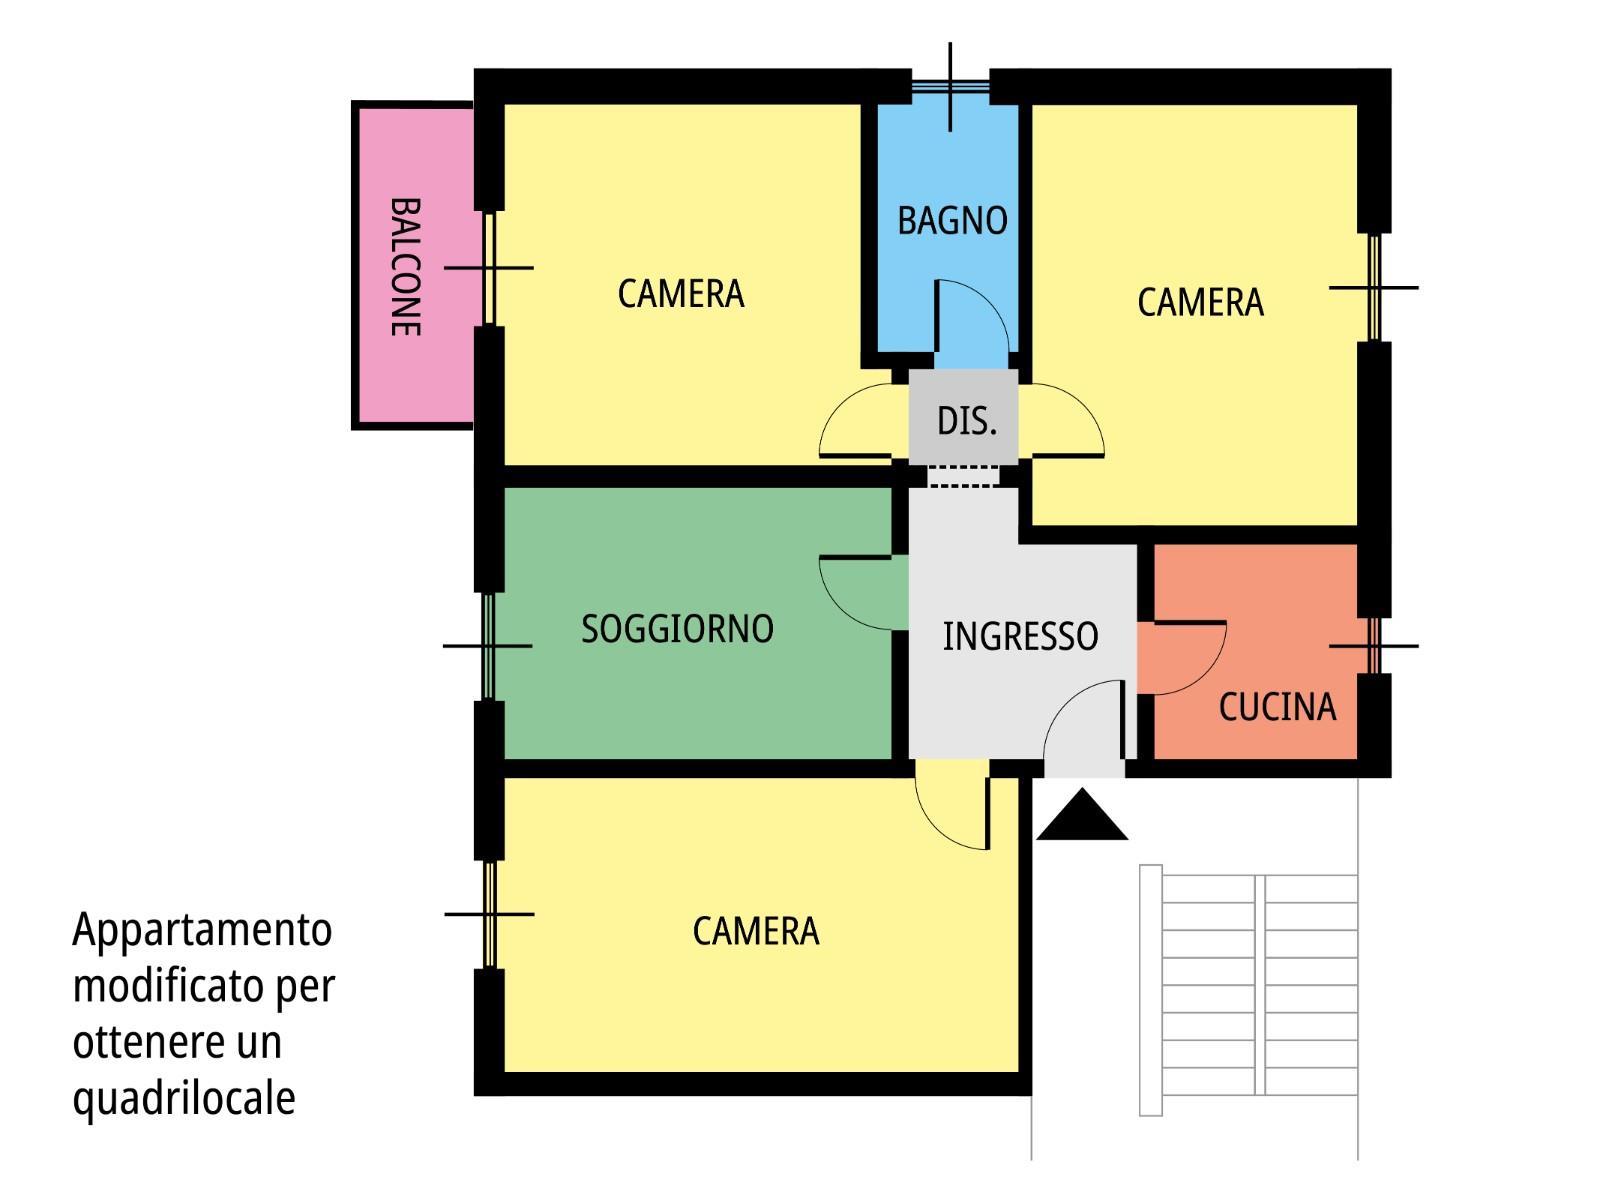 Foto 18 - Appartamento in Vendita - Usmate Velate (Monza e Brianza)